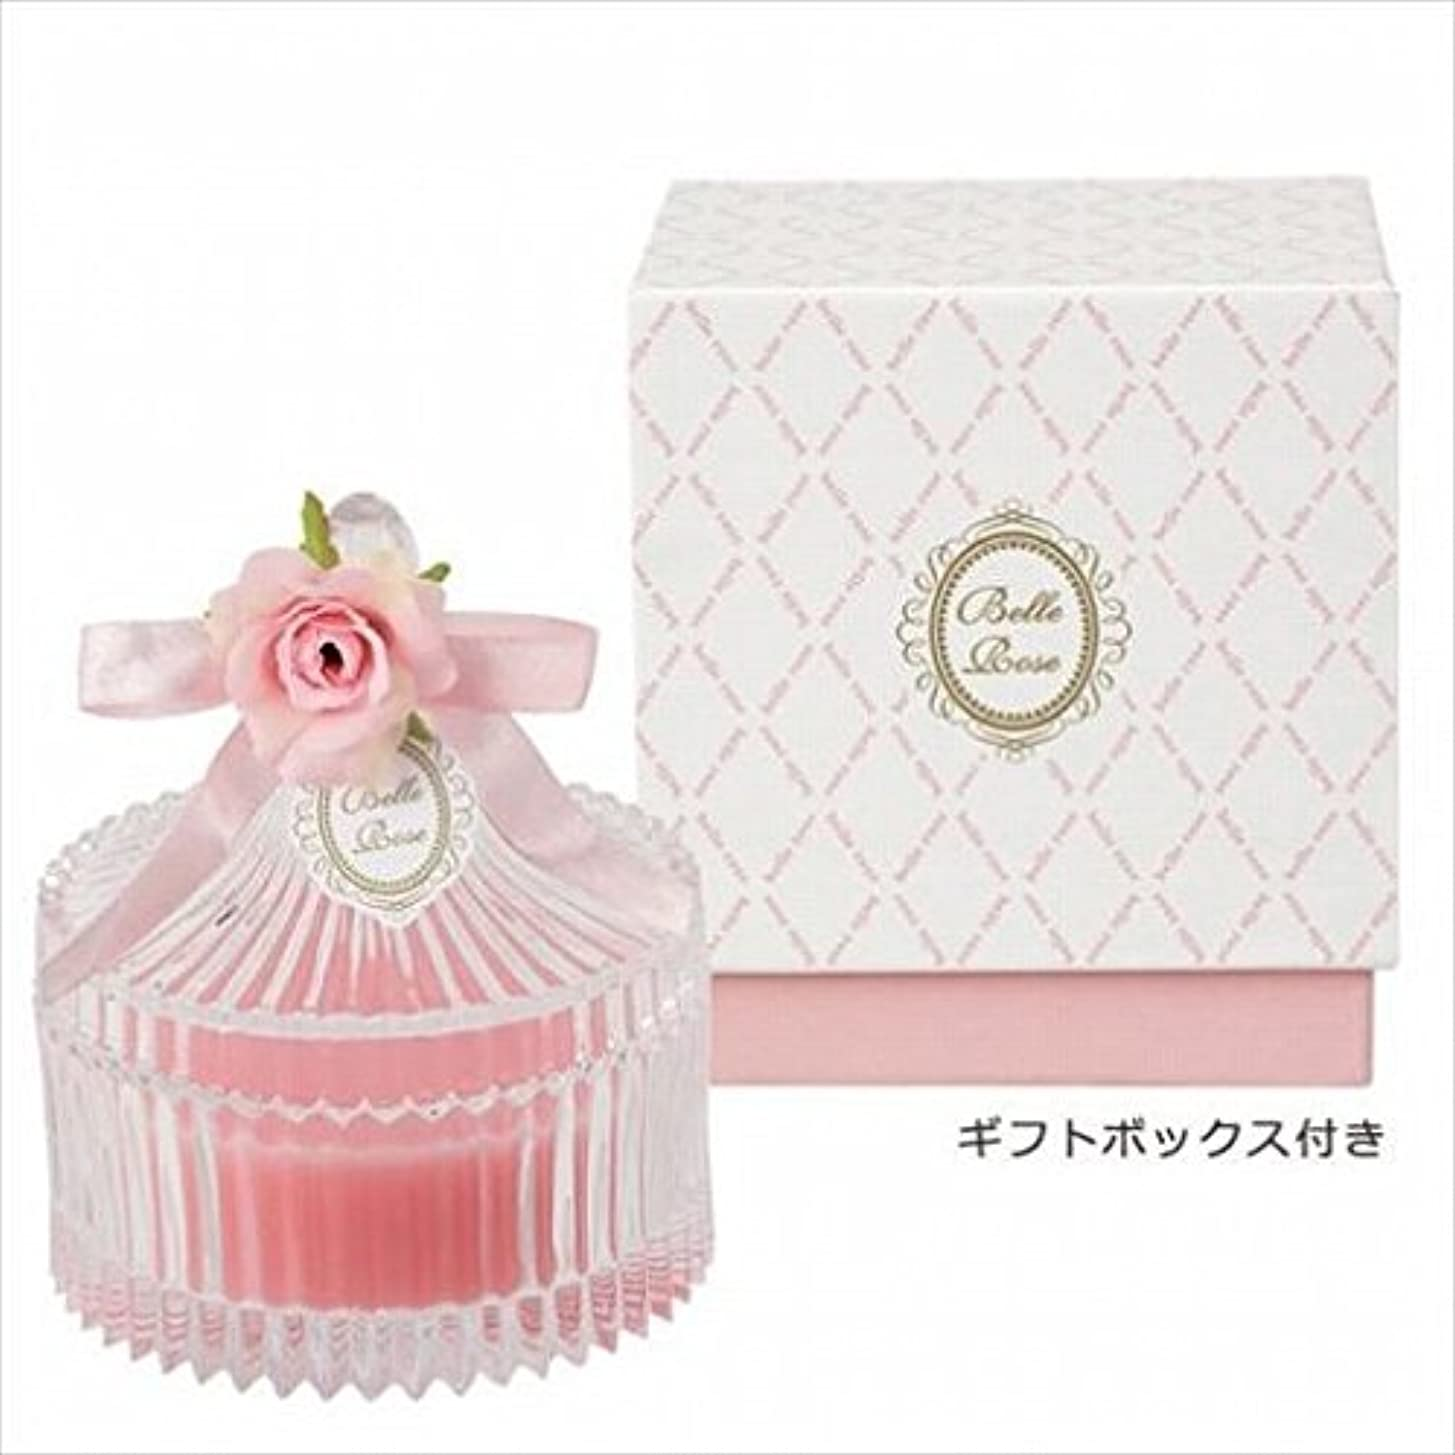 驚くべきファイター一節kameyama candle(カメヤマキャンドル) ベルローズキャニスター 「 ピンク 」 キャンドル(A5920500PK)